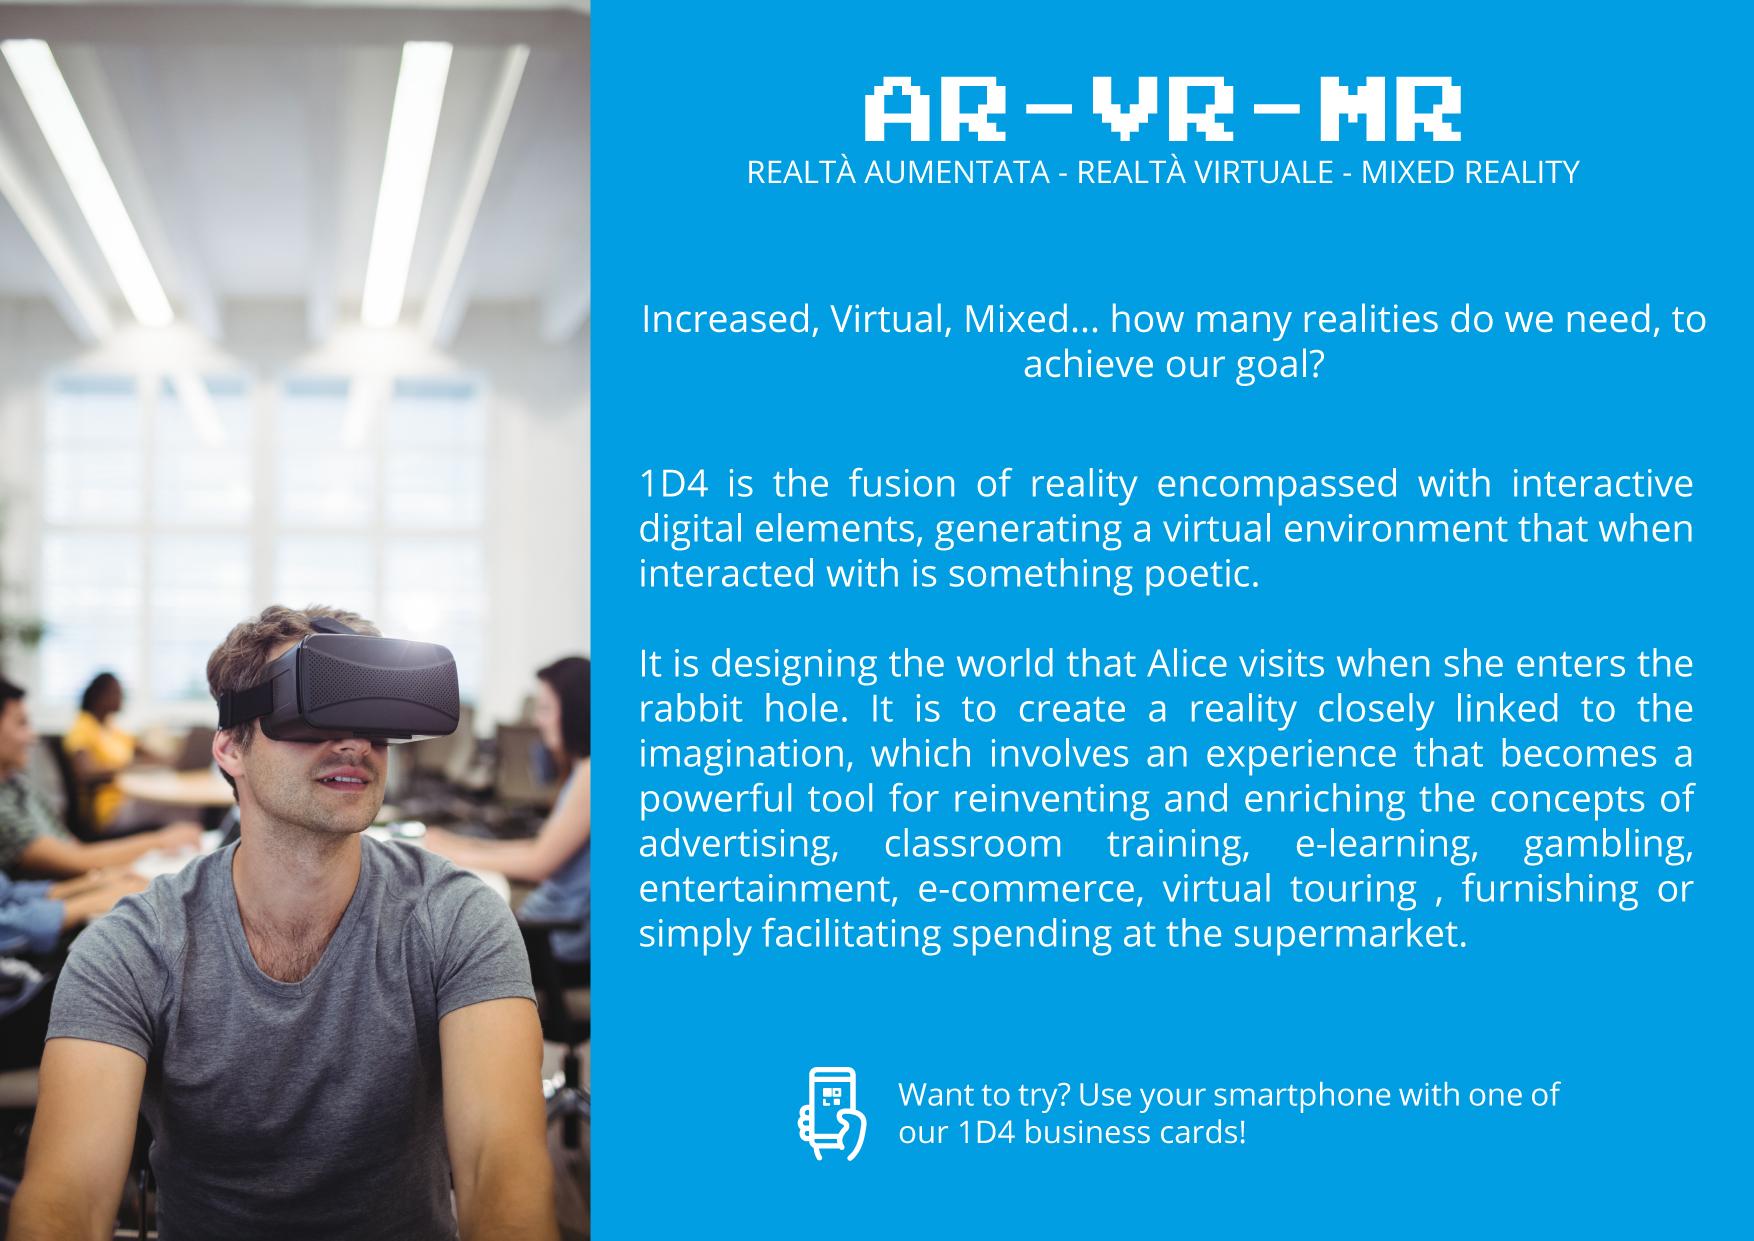 AR - VR - MR